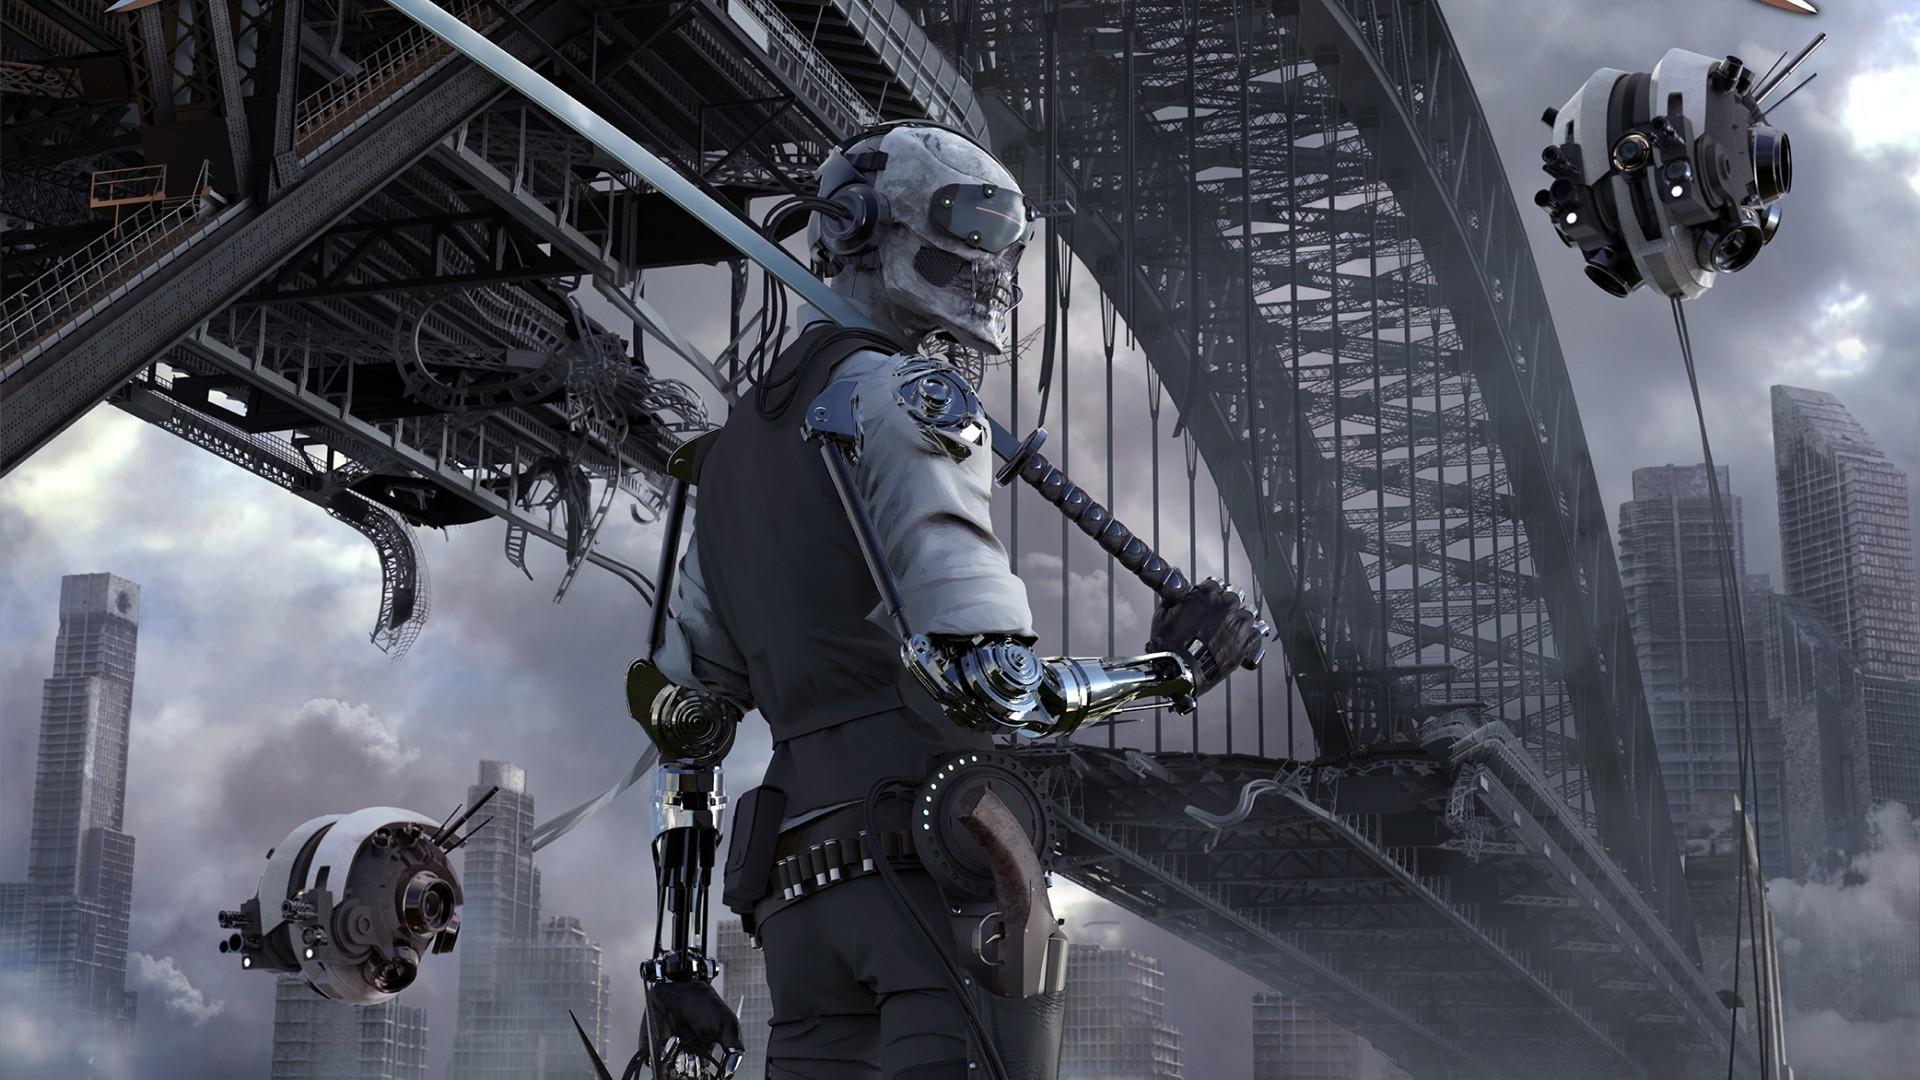 … megadeth dystopia 1080p wallpaper 3d wallpapers …